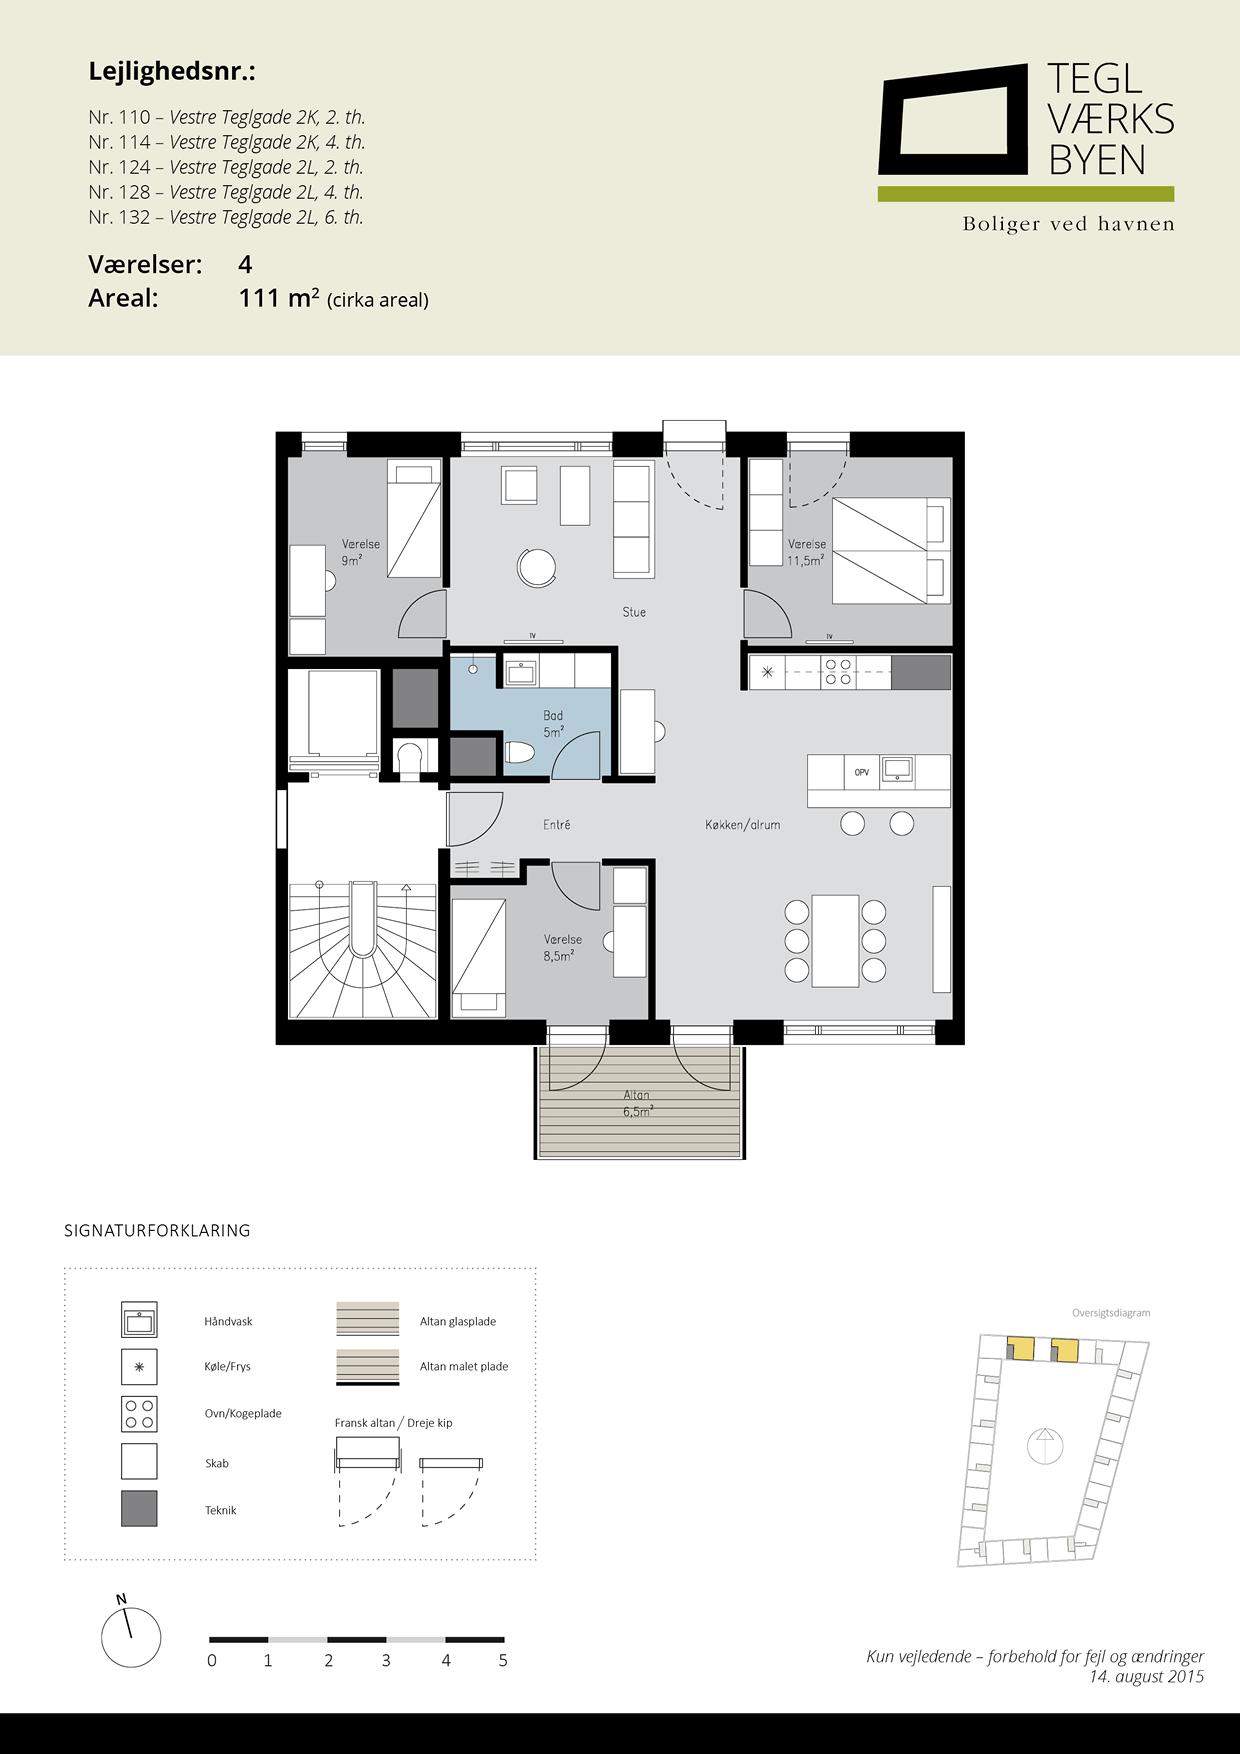 Teglvaerksbyen_110-114-124-128-132_plan